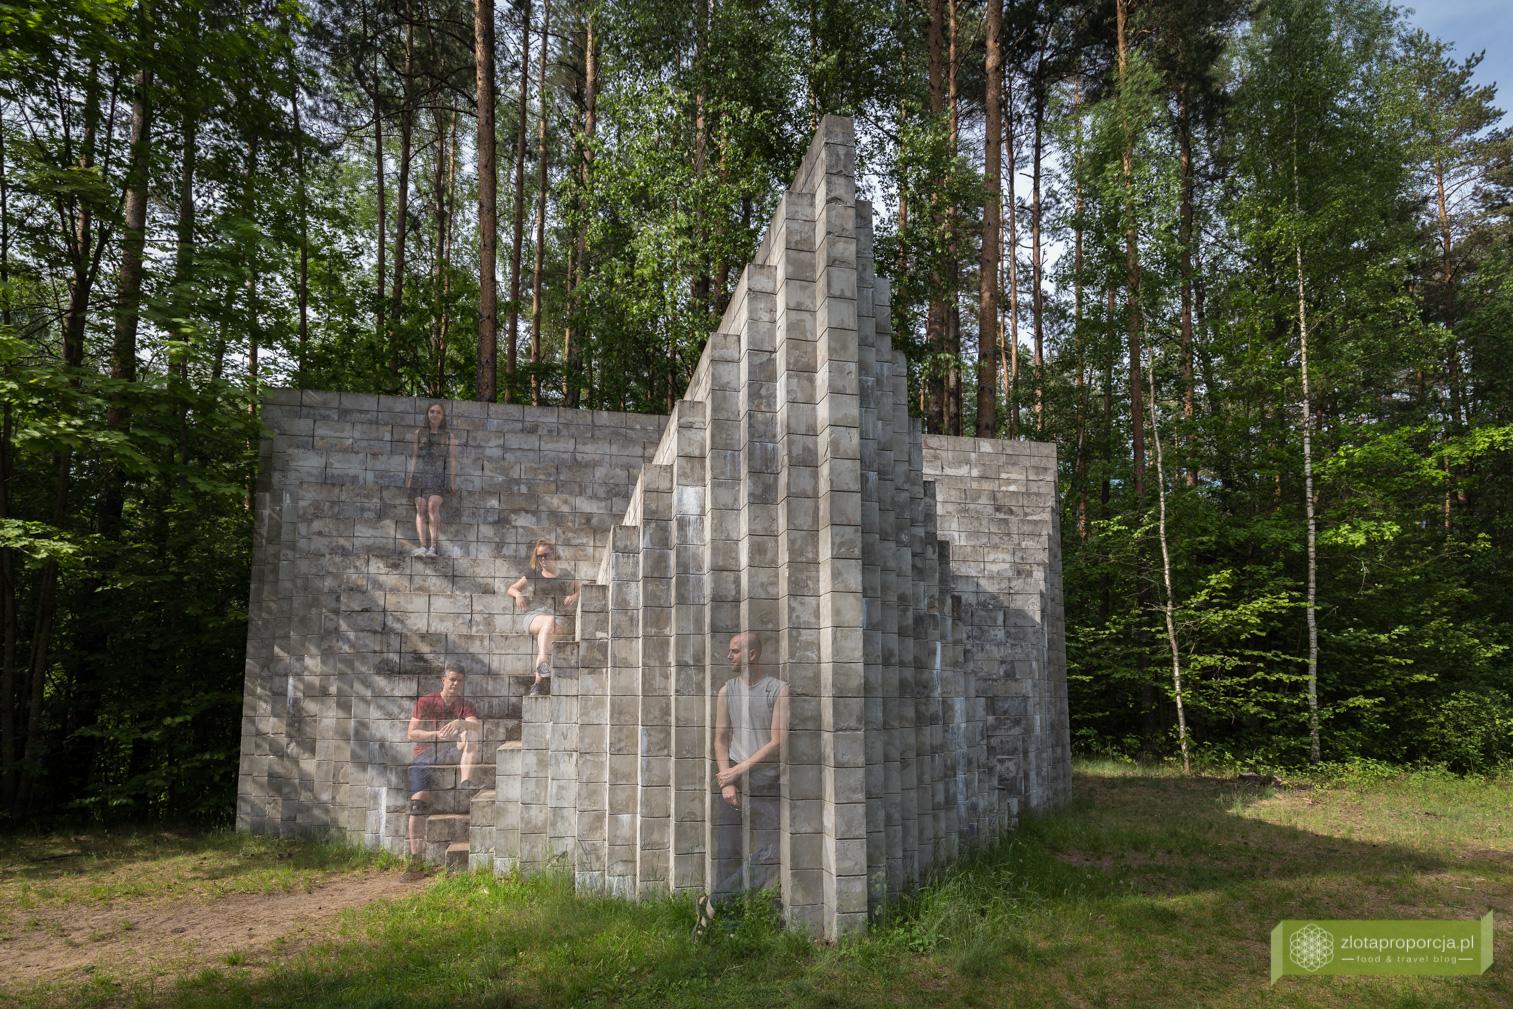 Park Europy, Wilno, okolice Wilna, Litwa, atrakcje Litwy, rzeźby, Sol de Witt